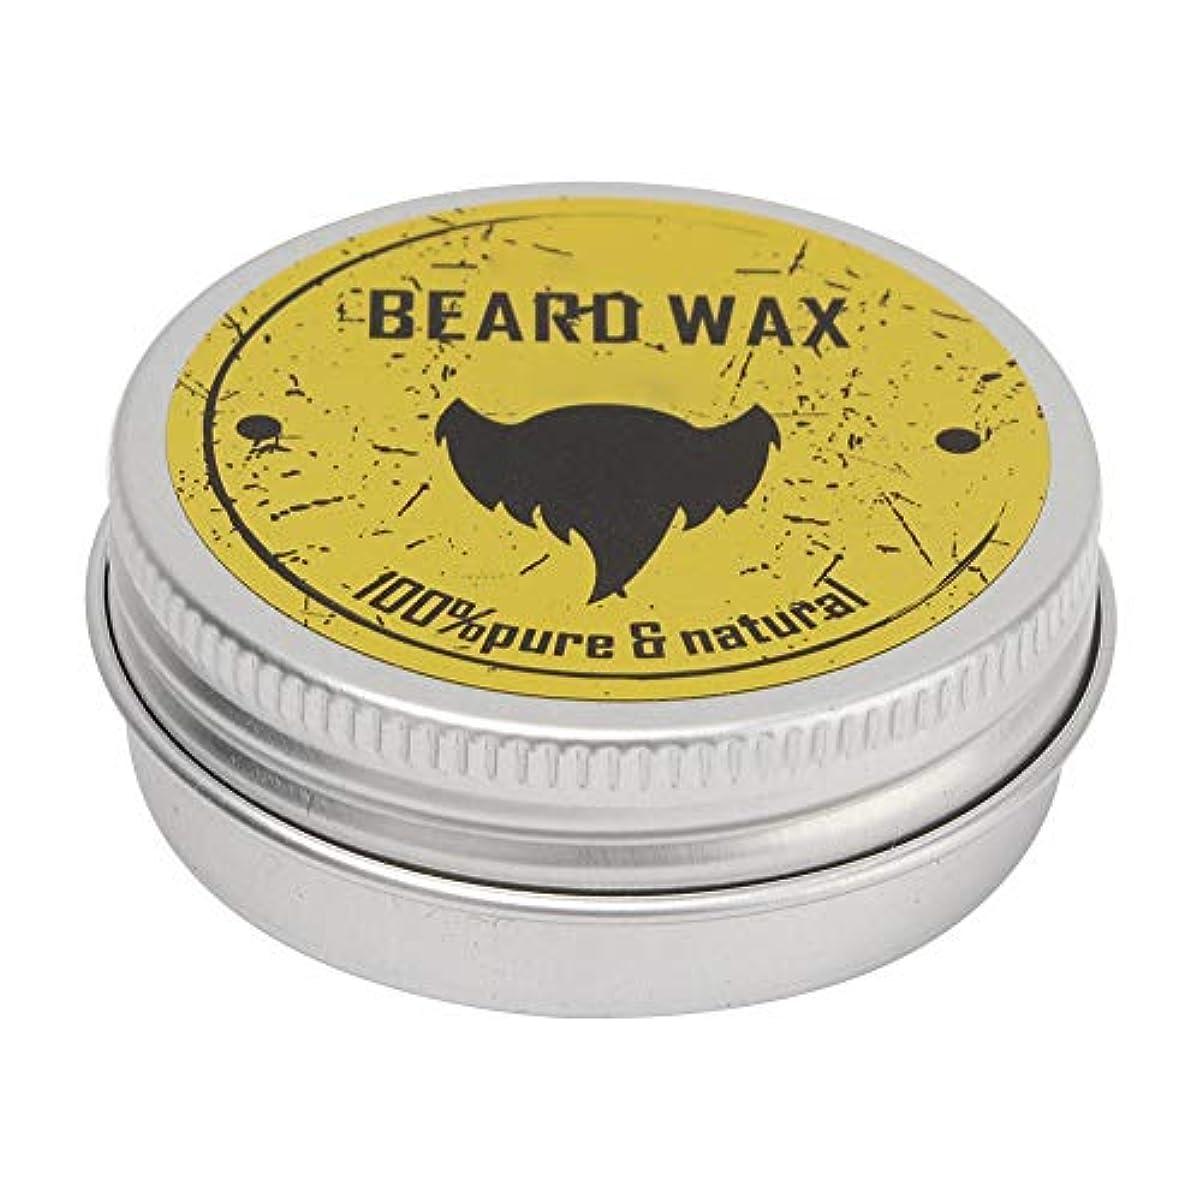 注入する自宅で嫌がらせひげの心配の香油、30mlひげの心配の人のひげの手入れをすることの男性の口ひげの心配のための保湿ワックスを手入れをすること